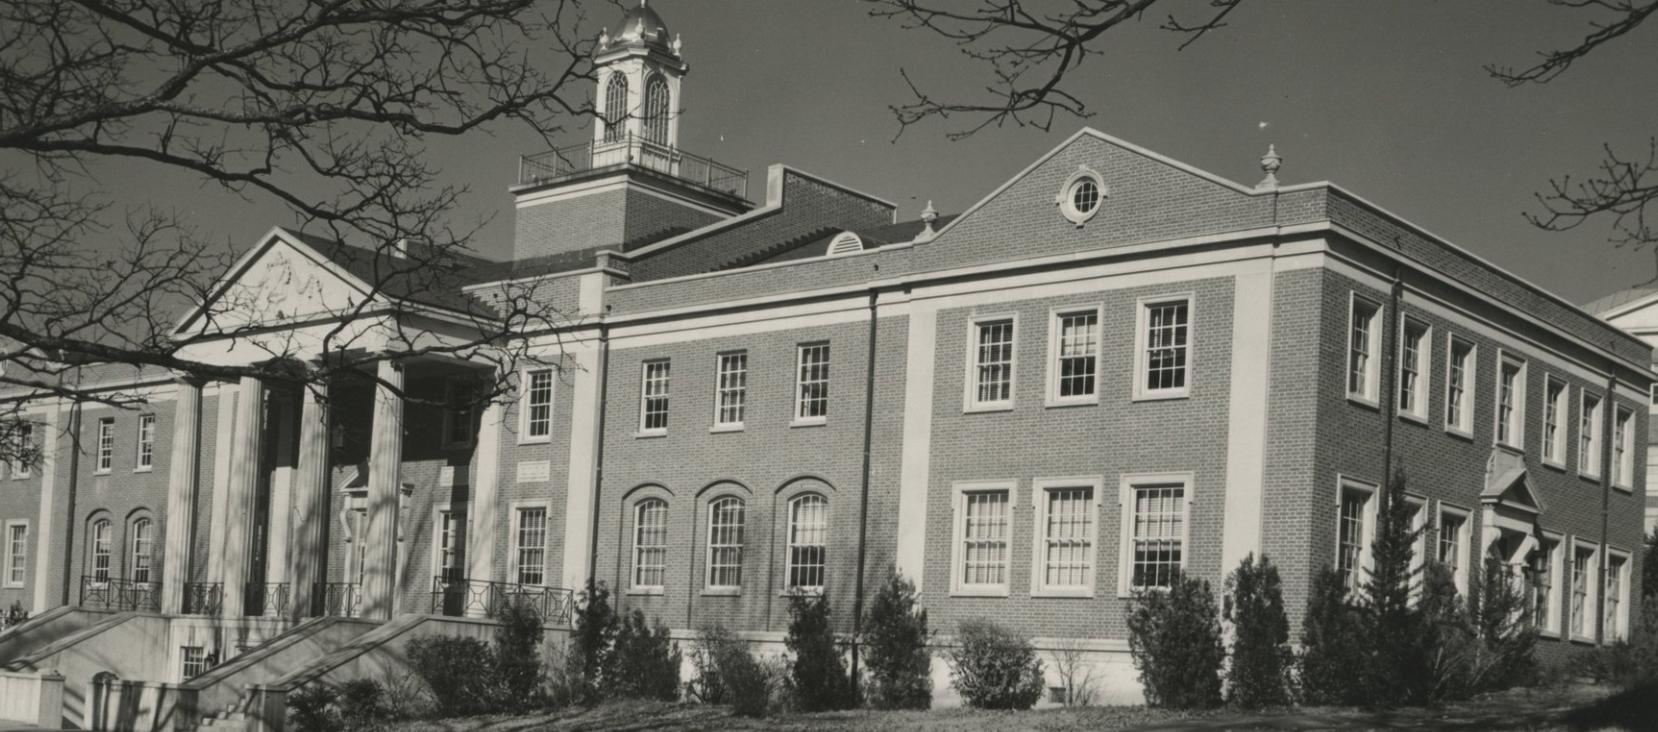 Park Hall